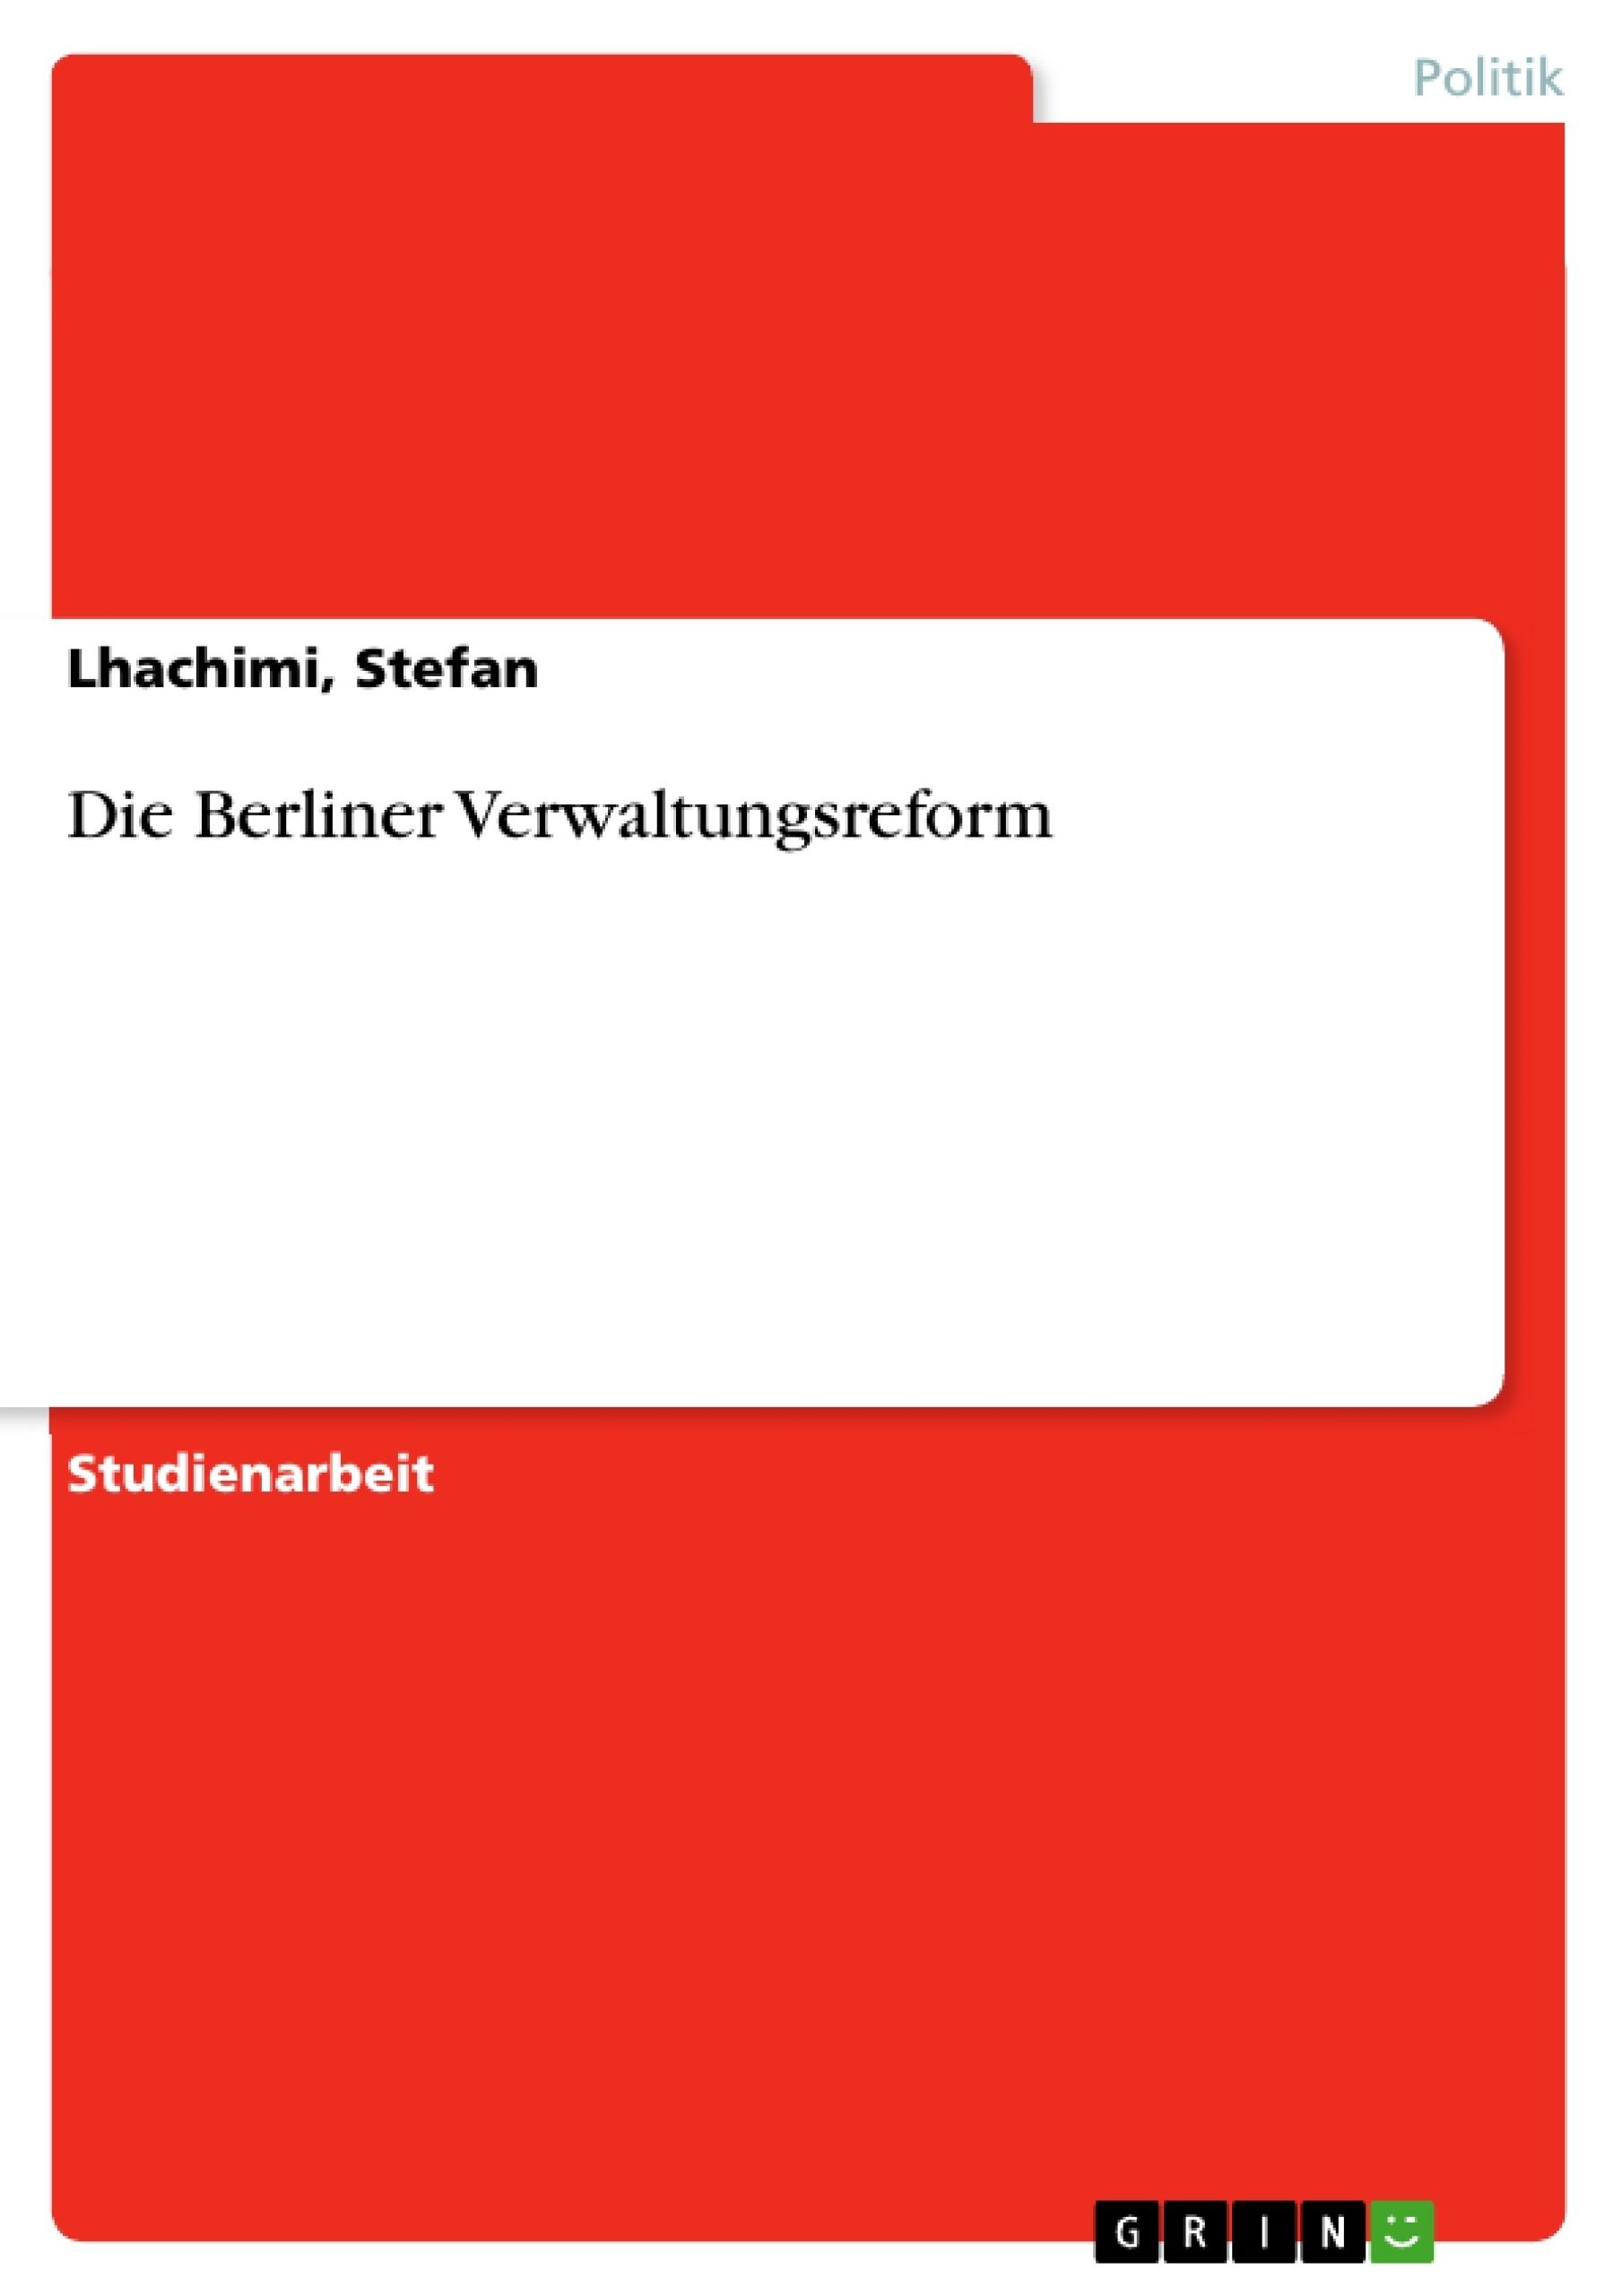 Titel: Die Berliner Verwaltungsreform